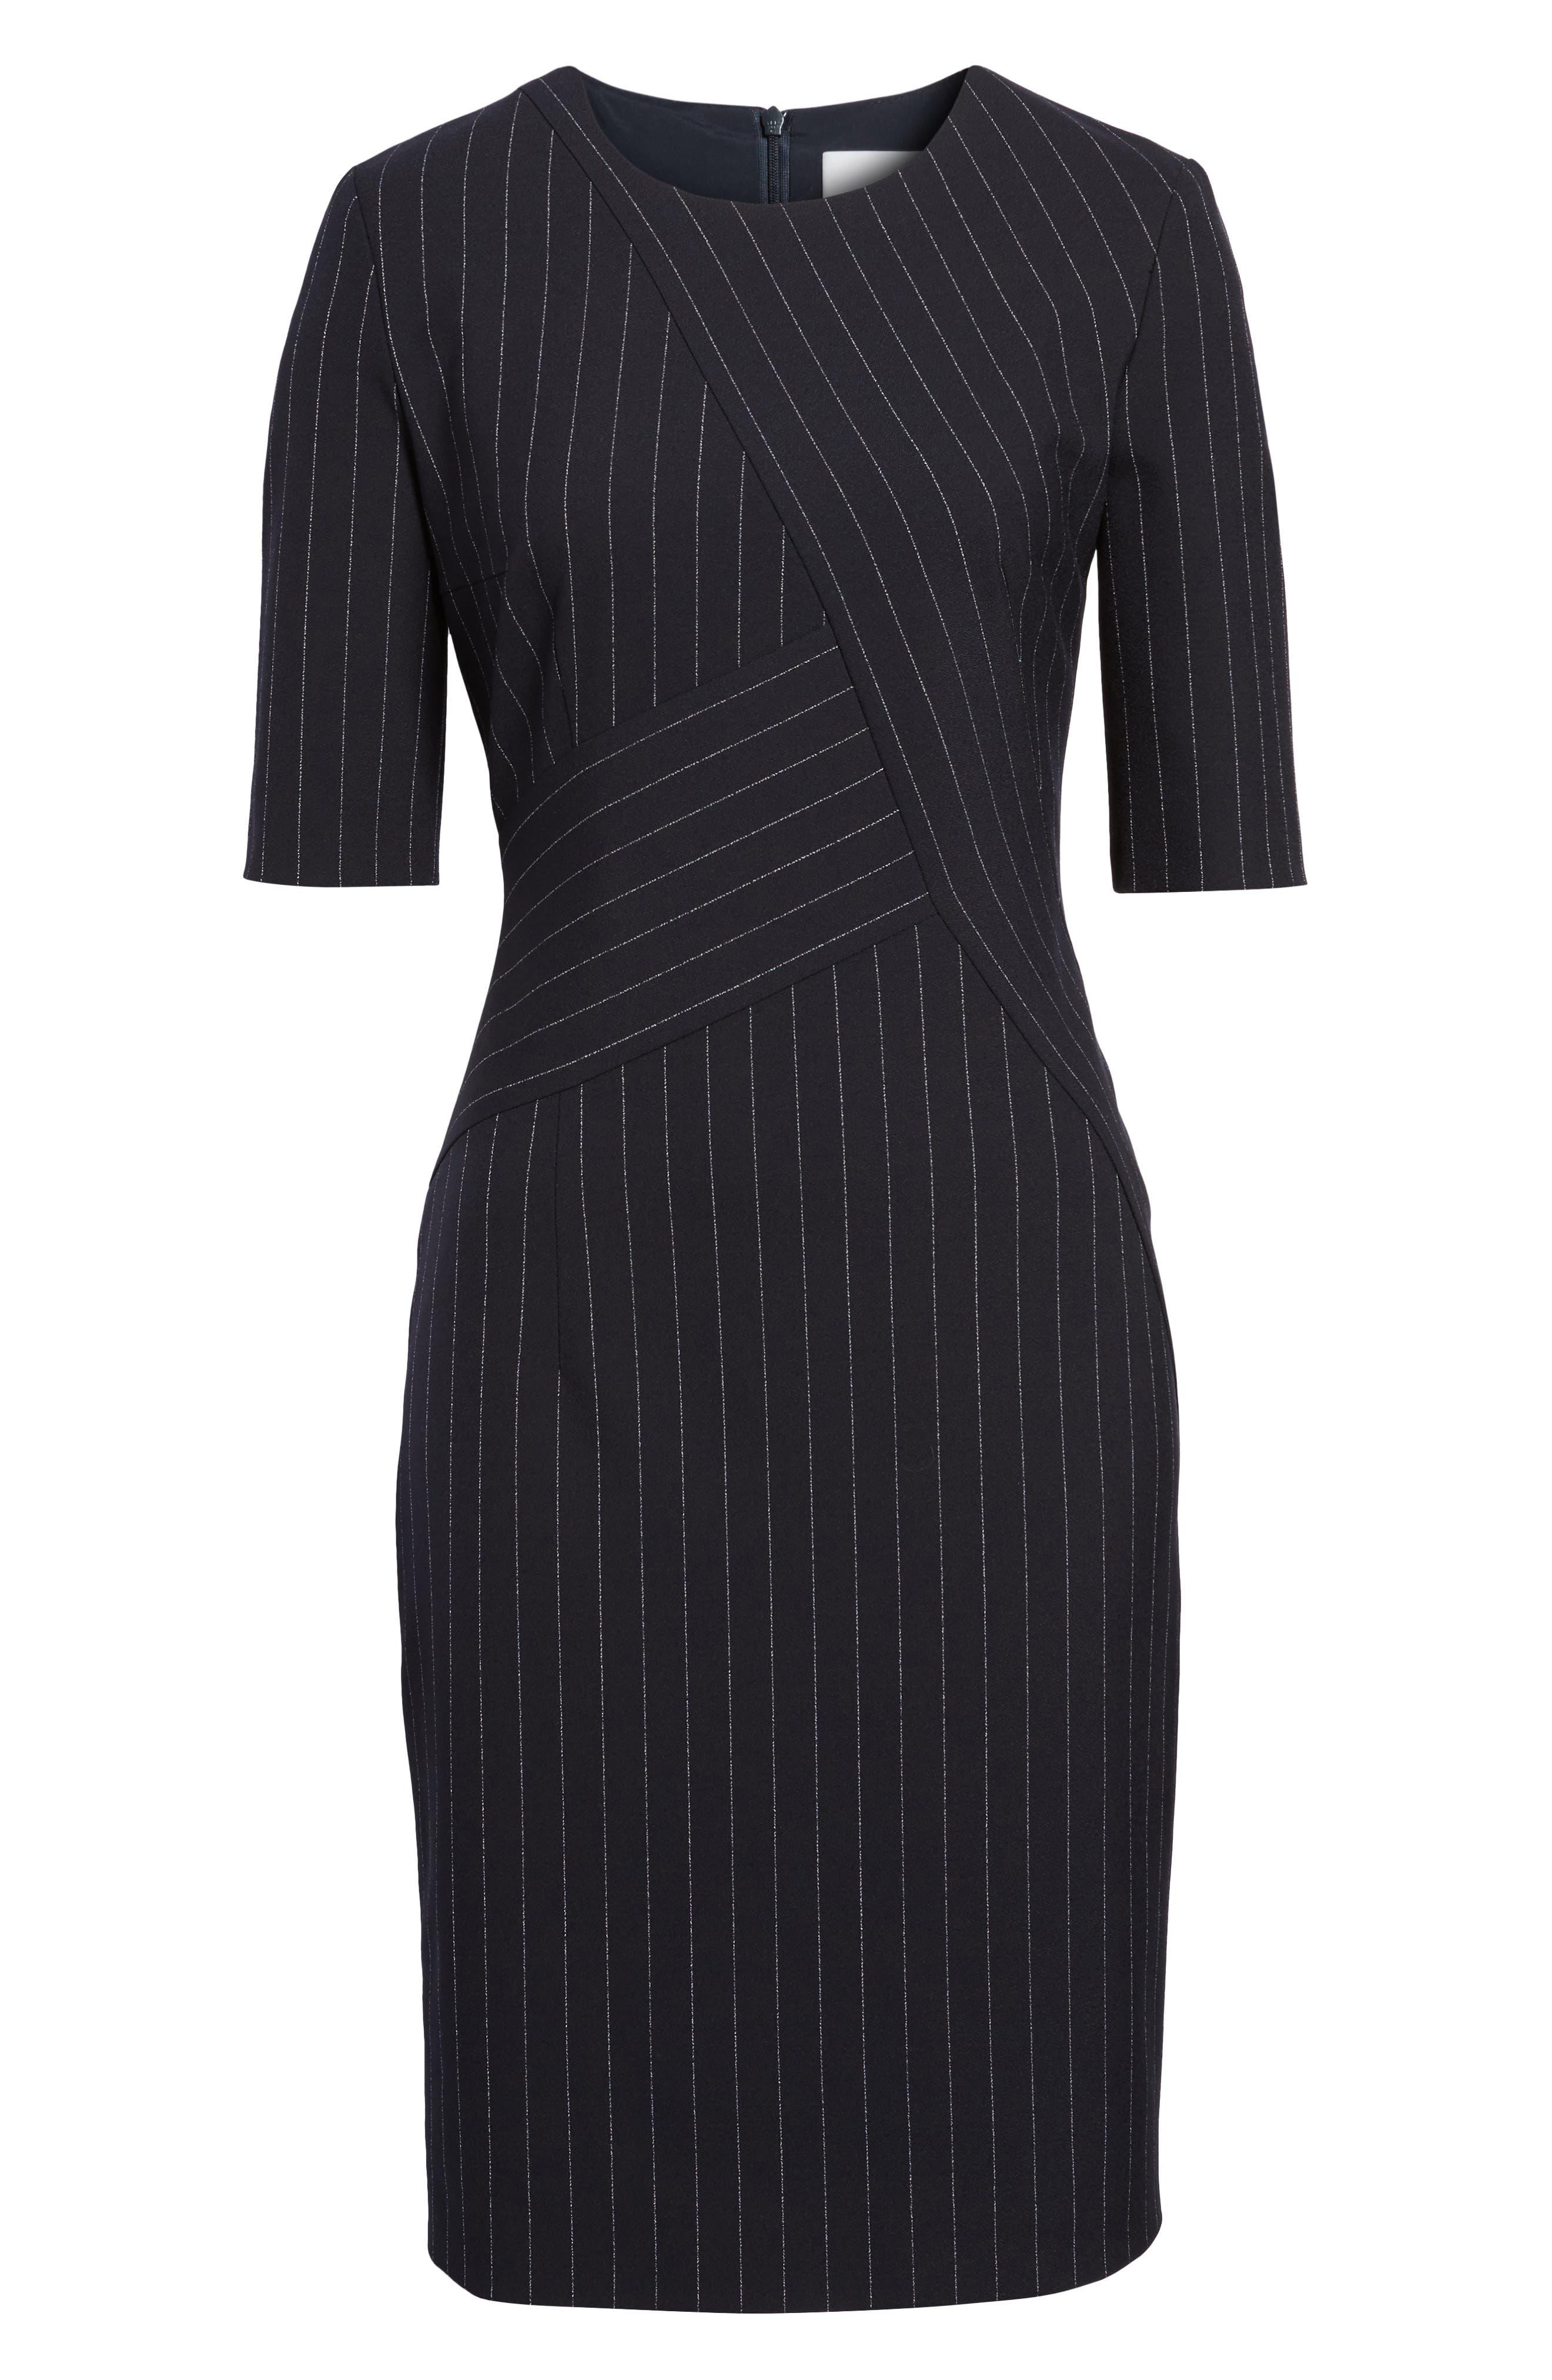 Dalayara Pinstripe Sheath Dress,                             Alternate thumbnail 6, color,                             461